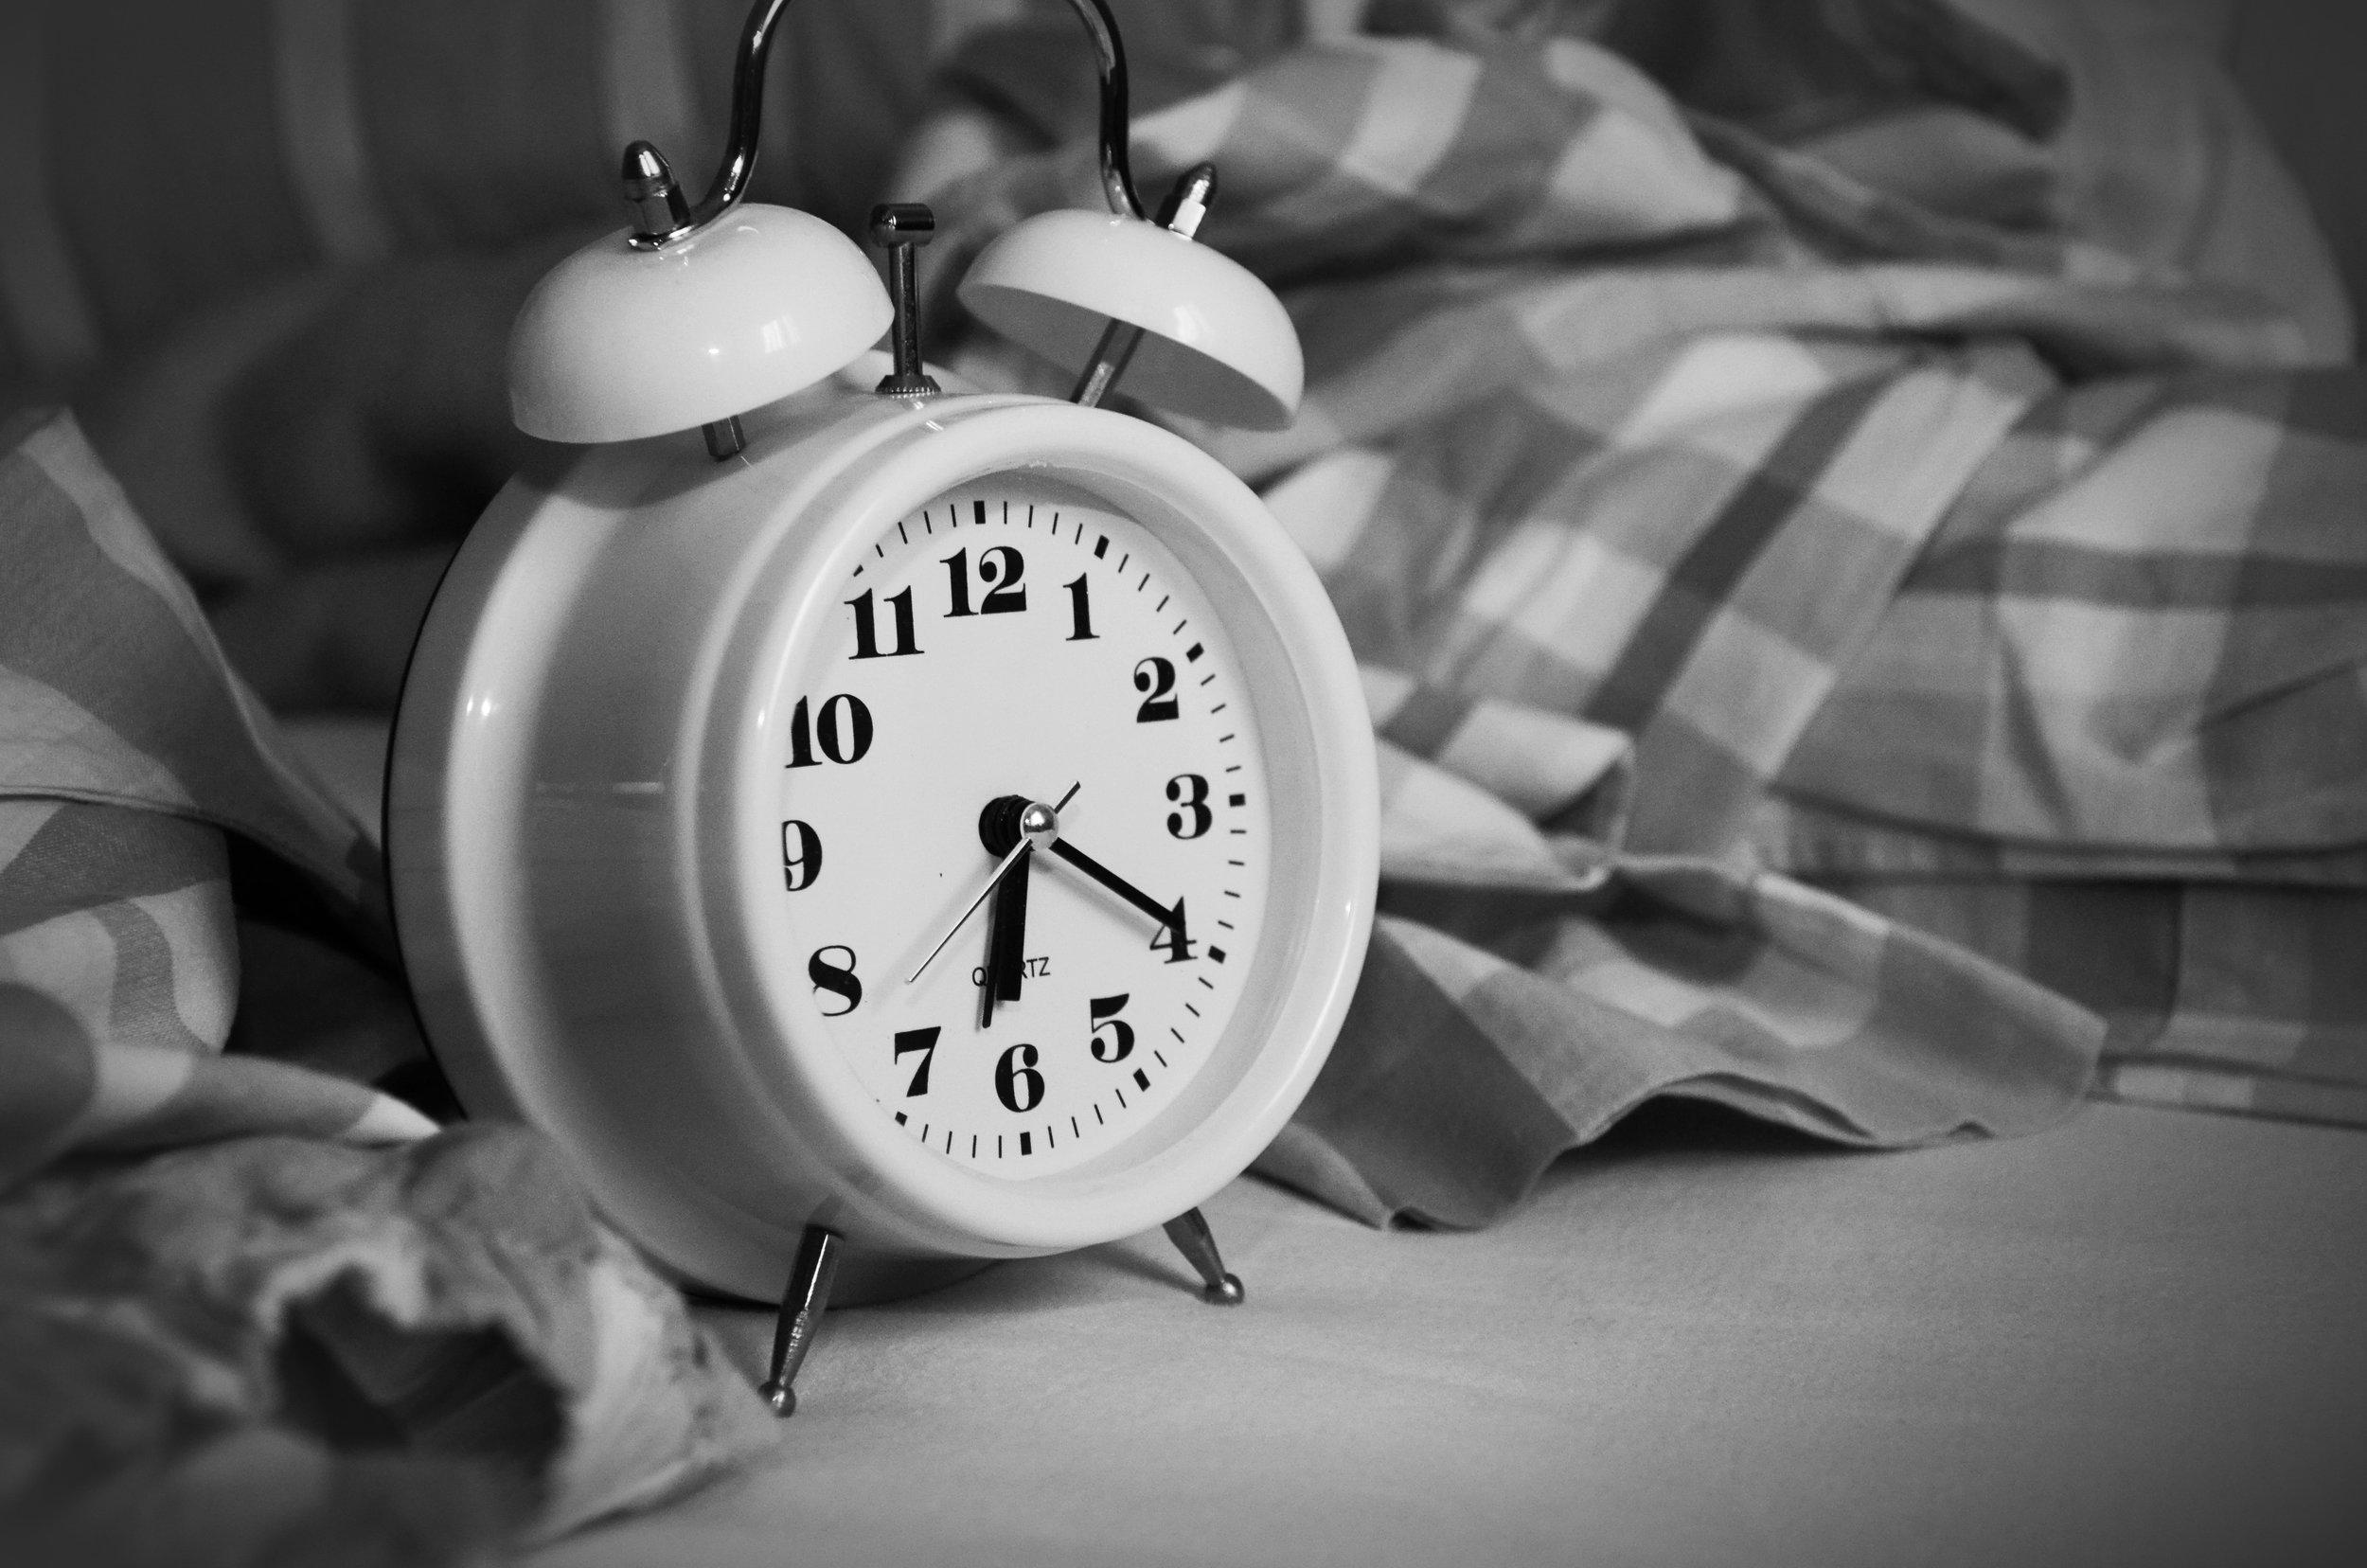 alarm clock-night shift.jpg